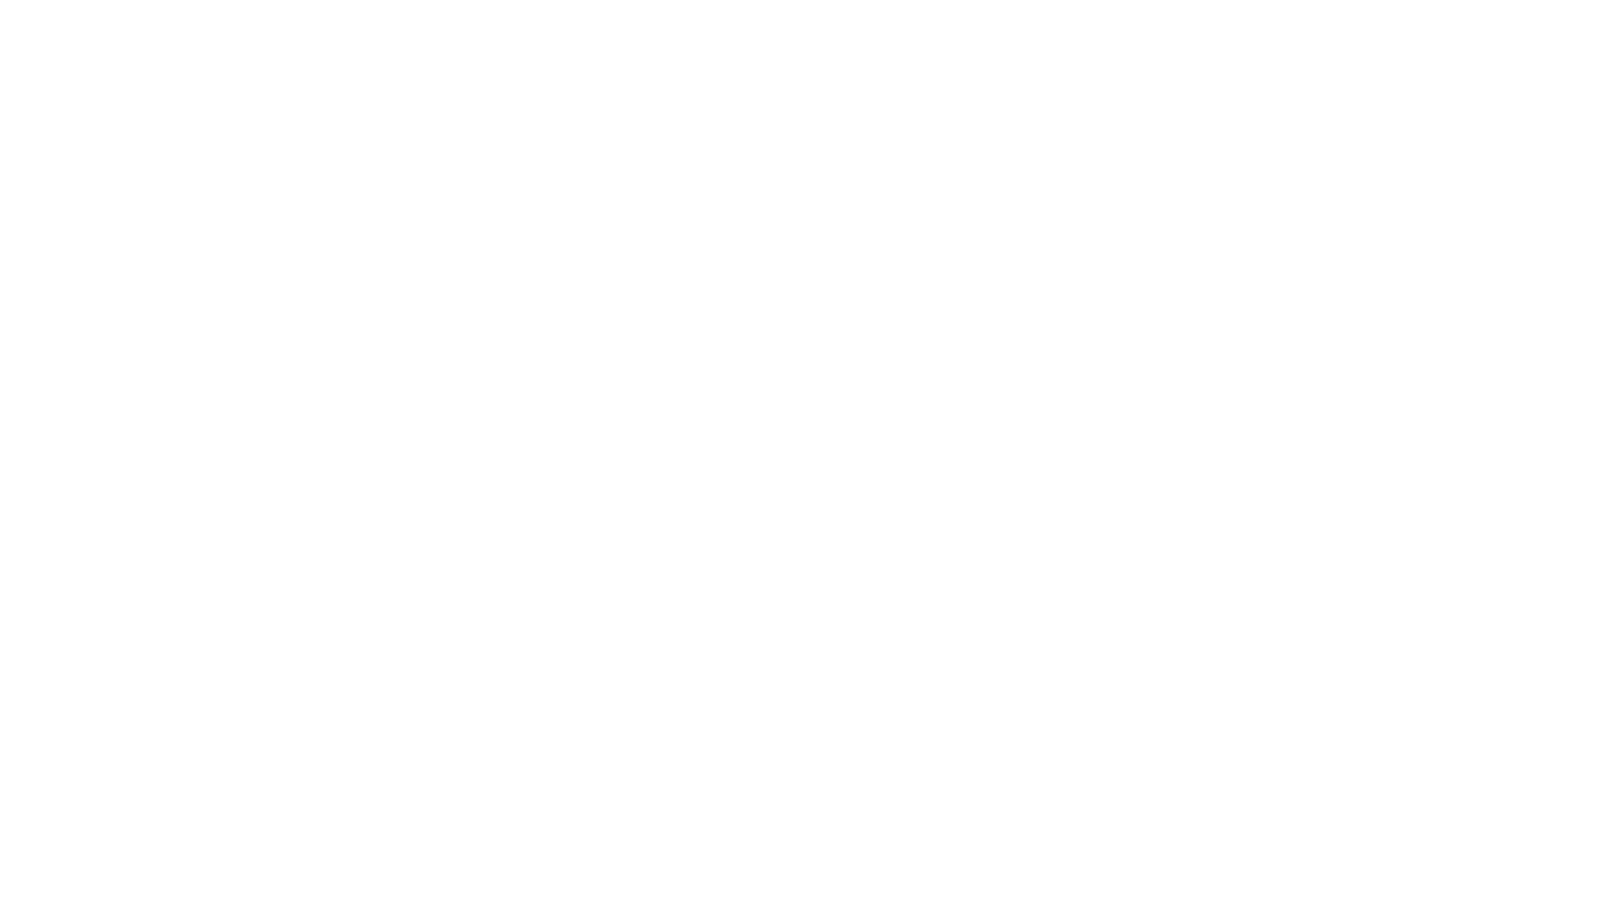 Кожен, хто виріс у Волочиську, бував у цьому місці. Але багато кому не усе відомо про Меморіал Слави. Дізнайтеся більше у нашому новому відео.  #фактиВолочиськ